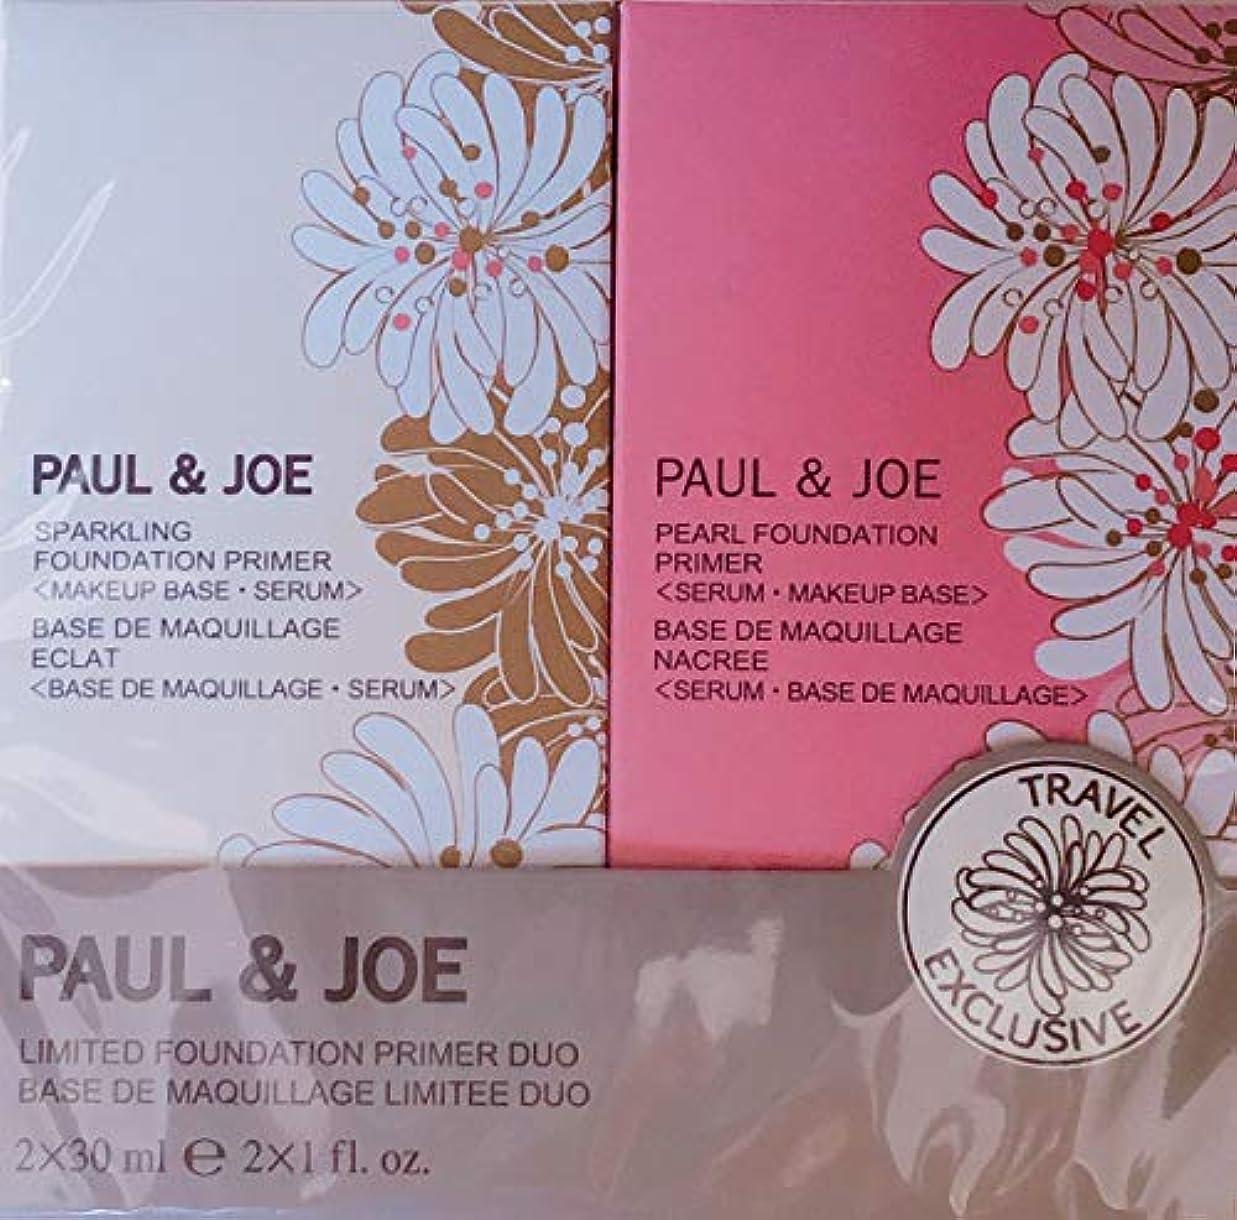 大きさファンシー財産ポール&ジョー スパークリング ファンデーション プライマー 001 30ml パール ファンデーション プライマー002 30ml 美容液 化粧下地 PAUL&JOE